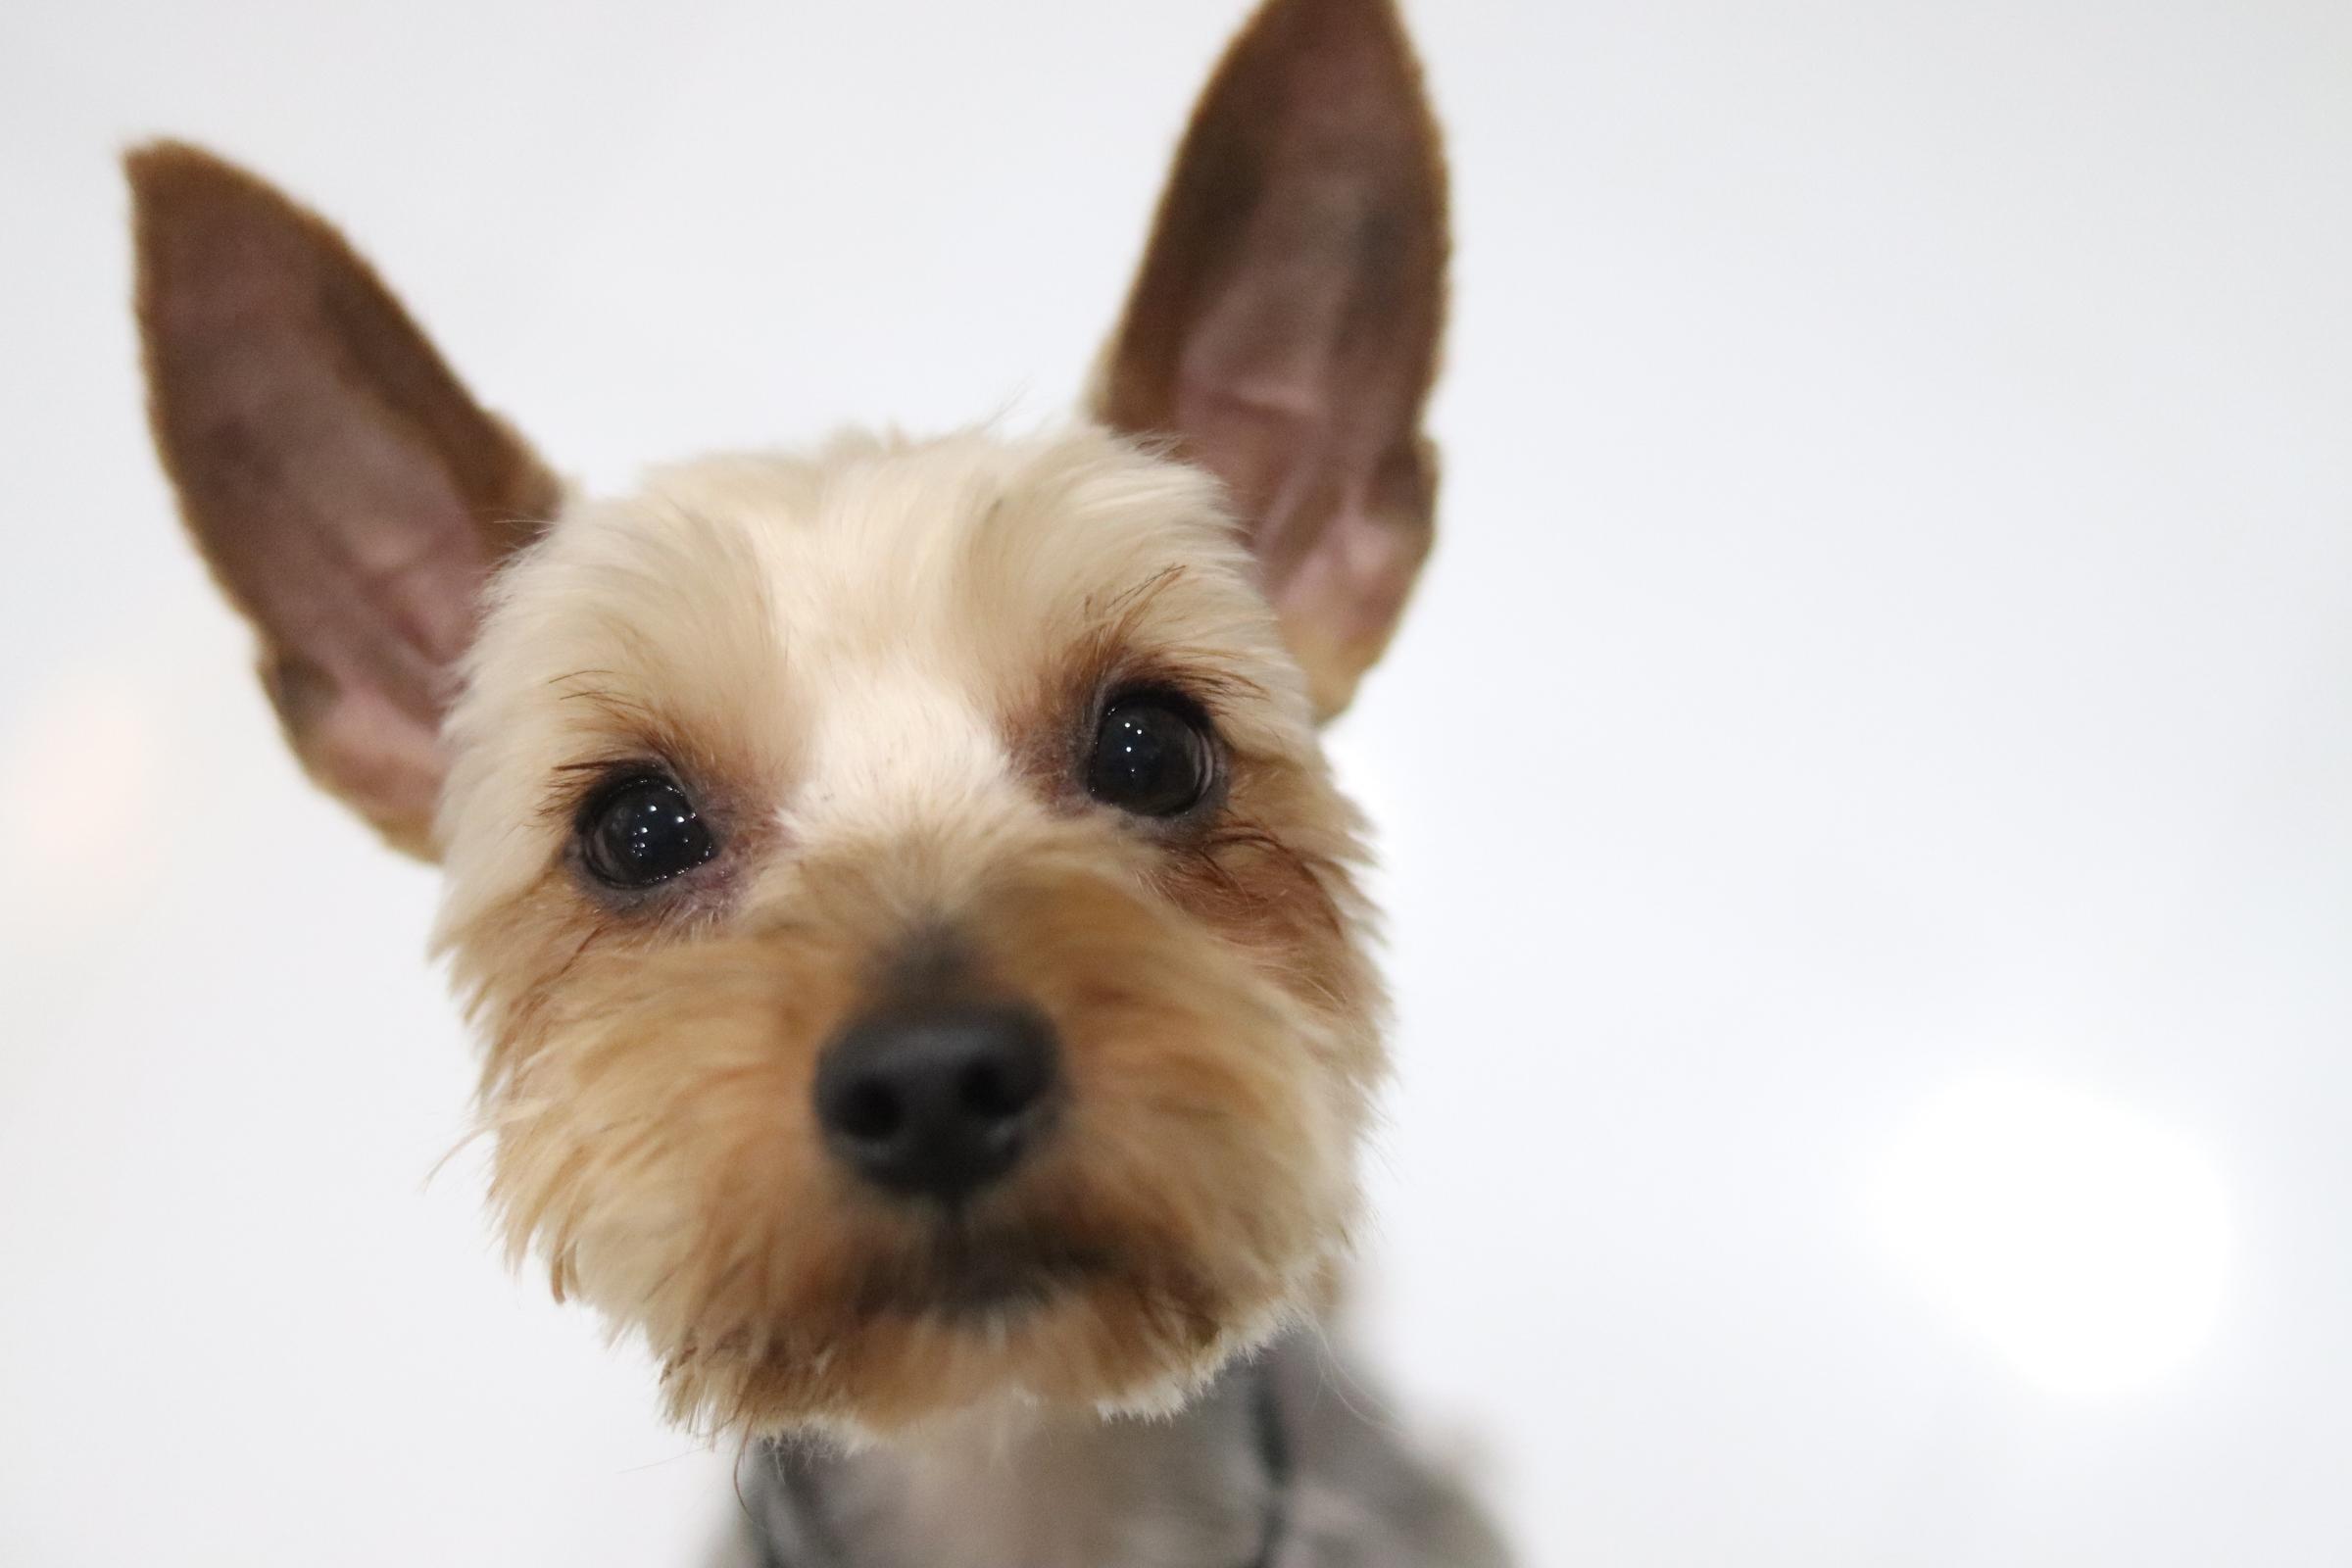 <ul> <li>犬種:ヨークシャテリア</li> <li>性別:男の子</li> <li>名前:レオン</li> <li>年齢:2014.9.4生まれ</li> <li>保護経緯:飼い主様の諸事情により飼育困難になりました</li> </ul>